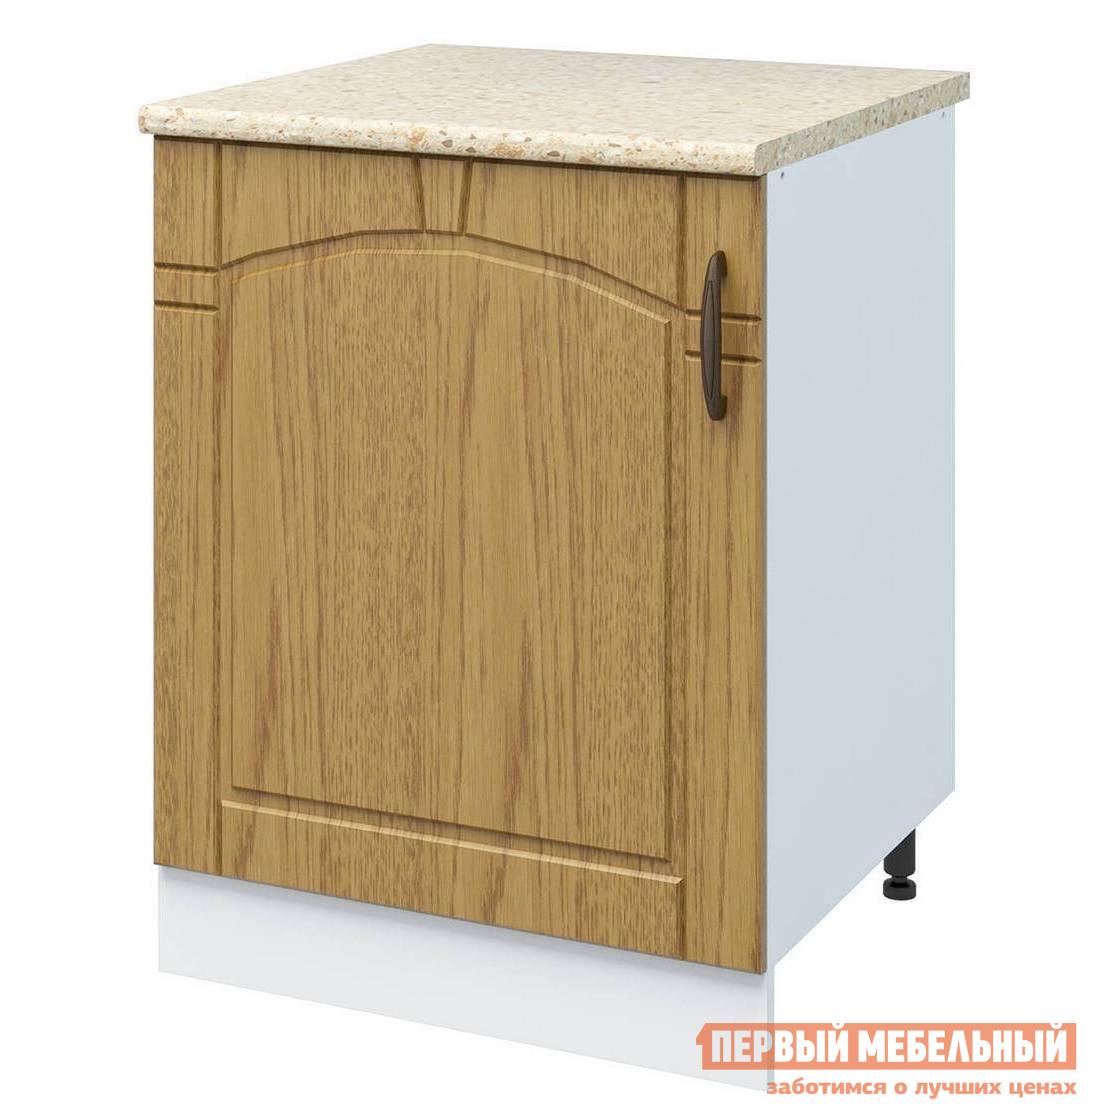 Кухонный модуль СтолЛайн СТЛ.144.05